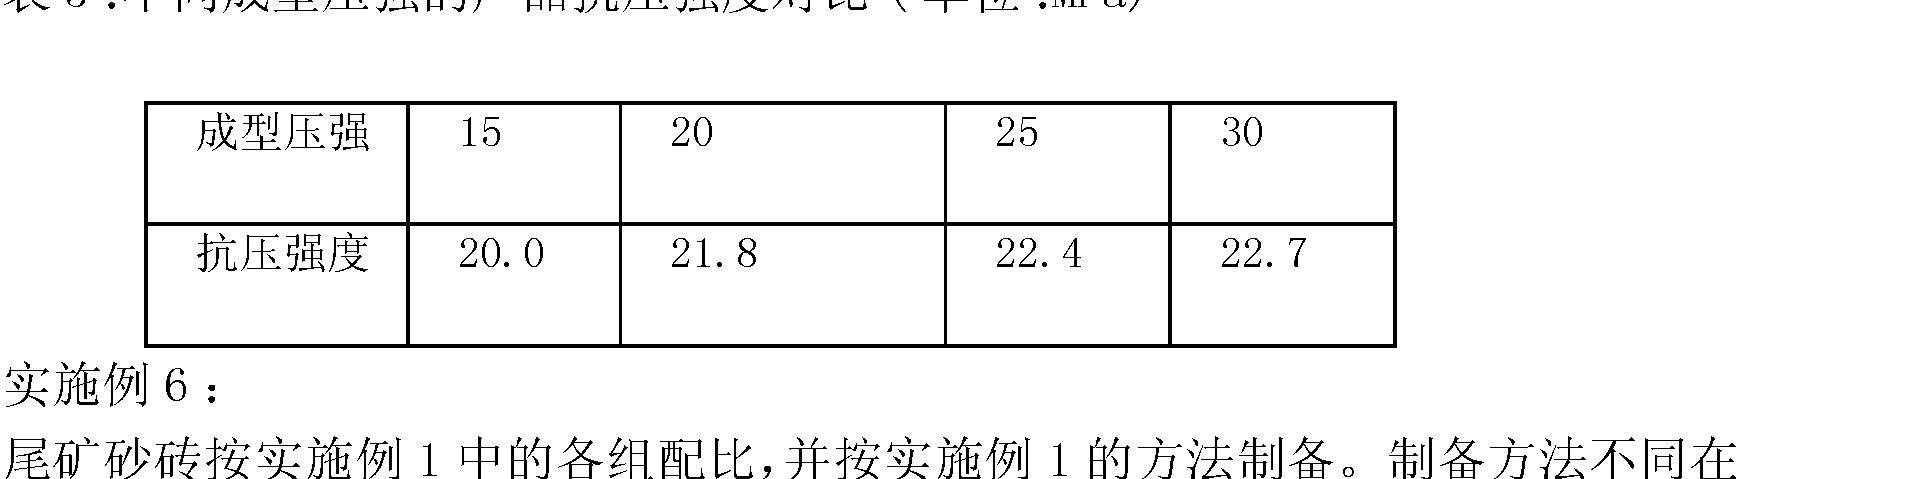 Figure CN101767972BD00072